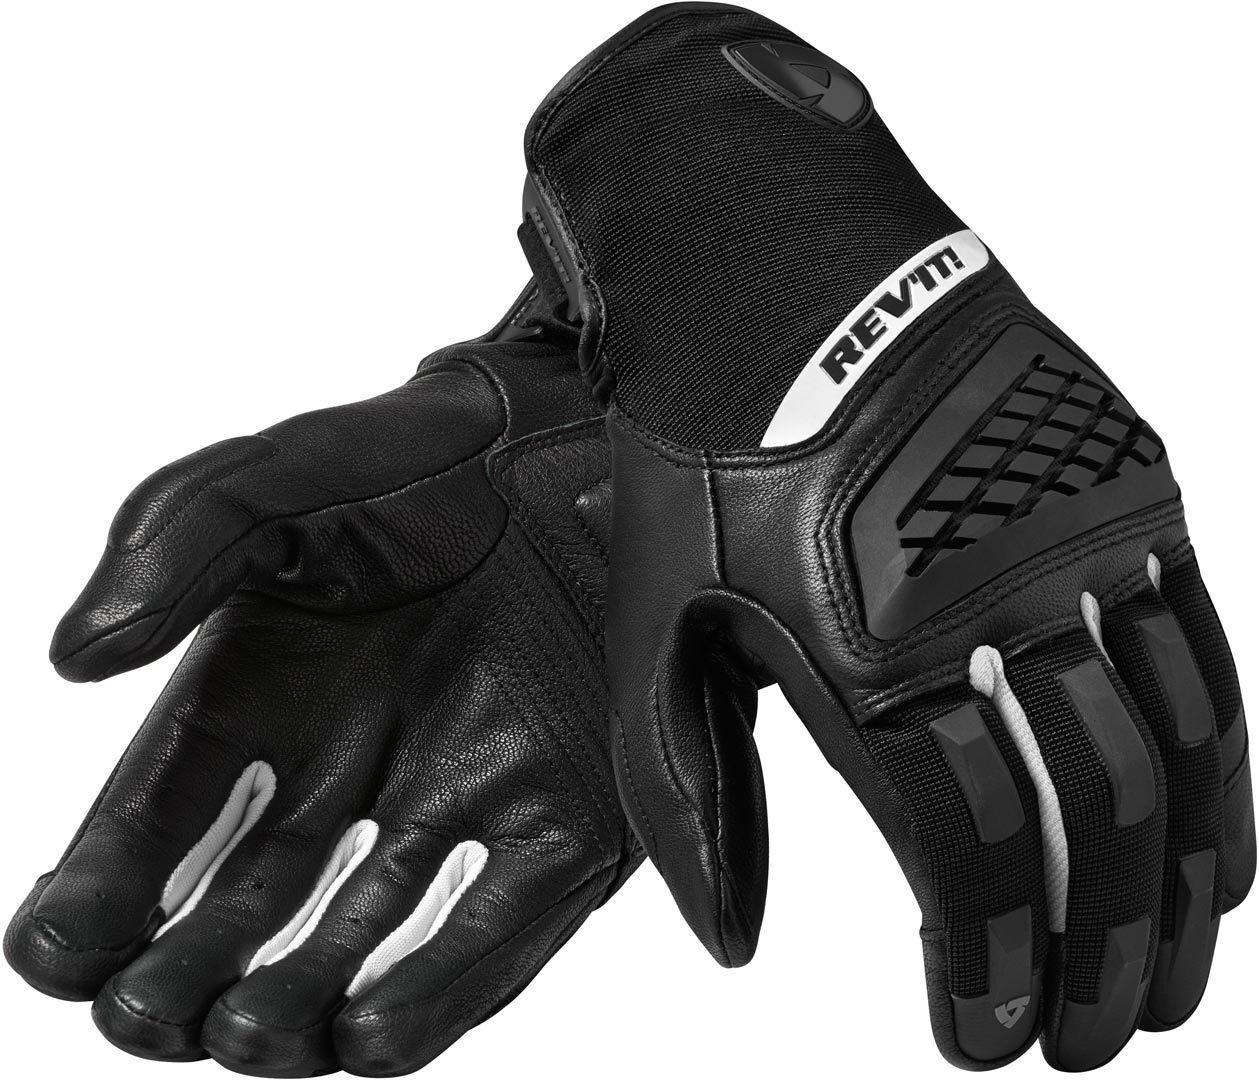 Revit Neutron 3 Gants de motocross Noir Blanc taille : 4XL